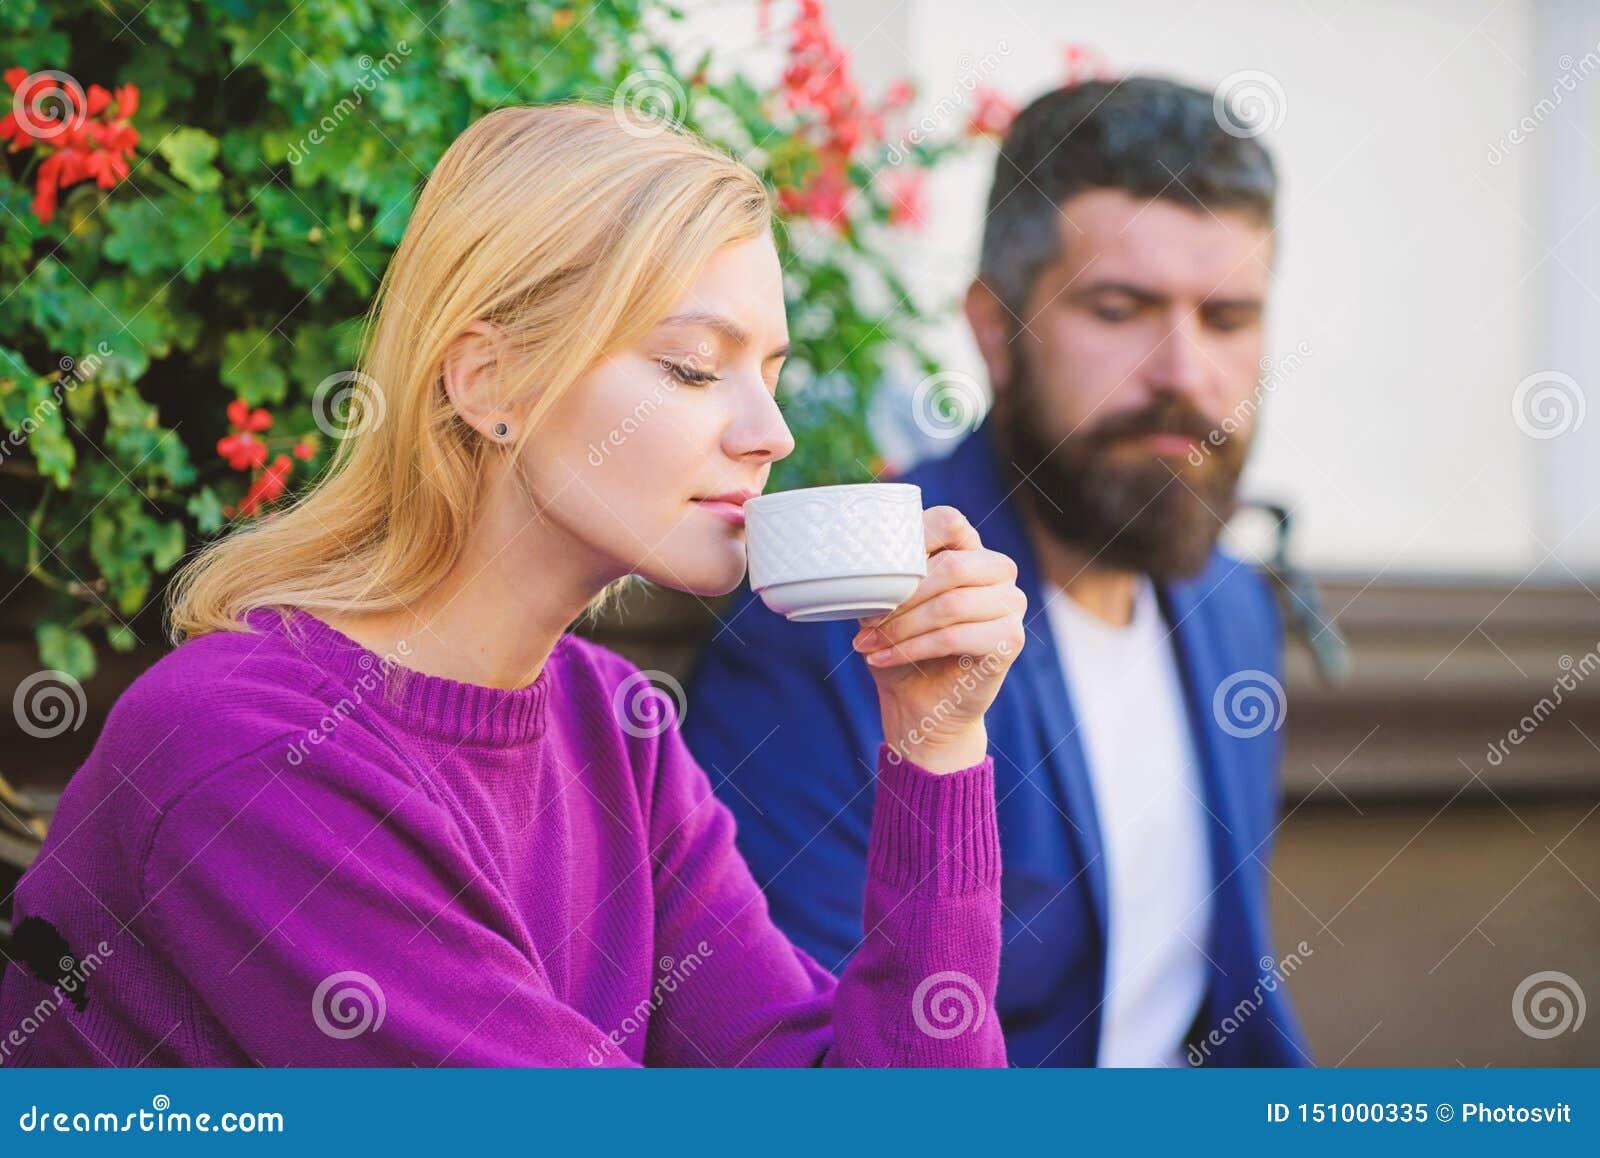 Erstes treffen mit online date